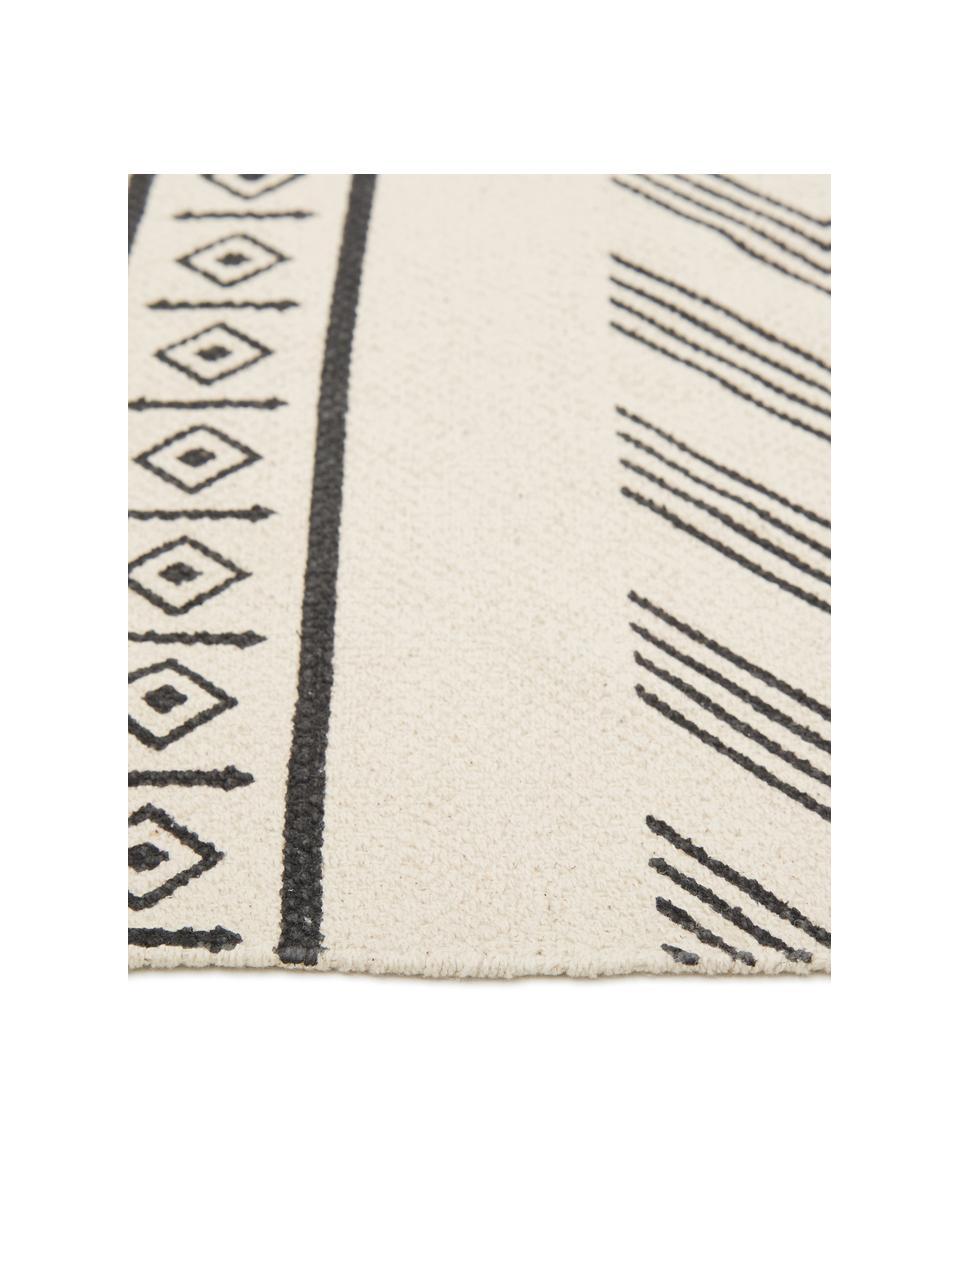 Tappeto etnico in cotone tessuto a mano Edna, 100% cotone, Bianco crema, nero, Larg. 160 x Lung. 230 cm (taglia M)